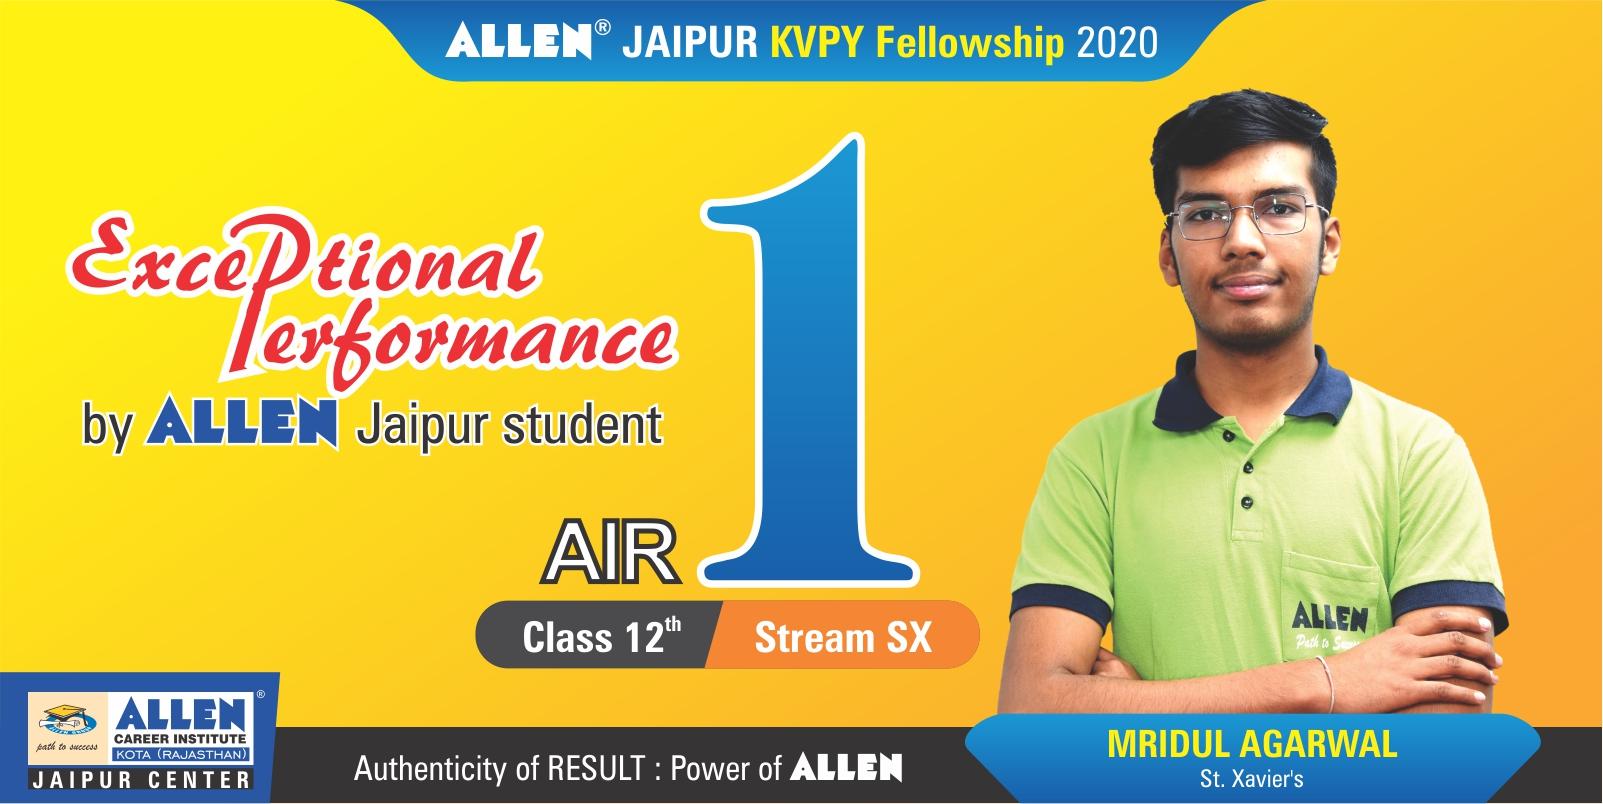 KVPY Fellowship 2020